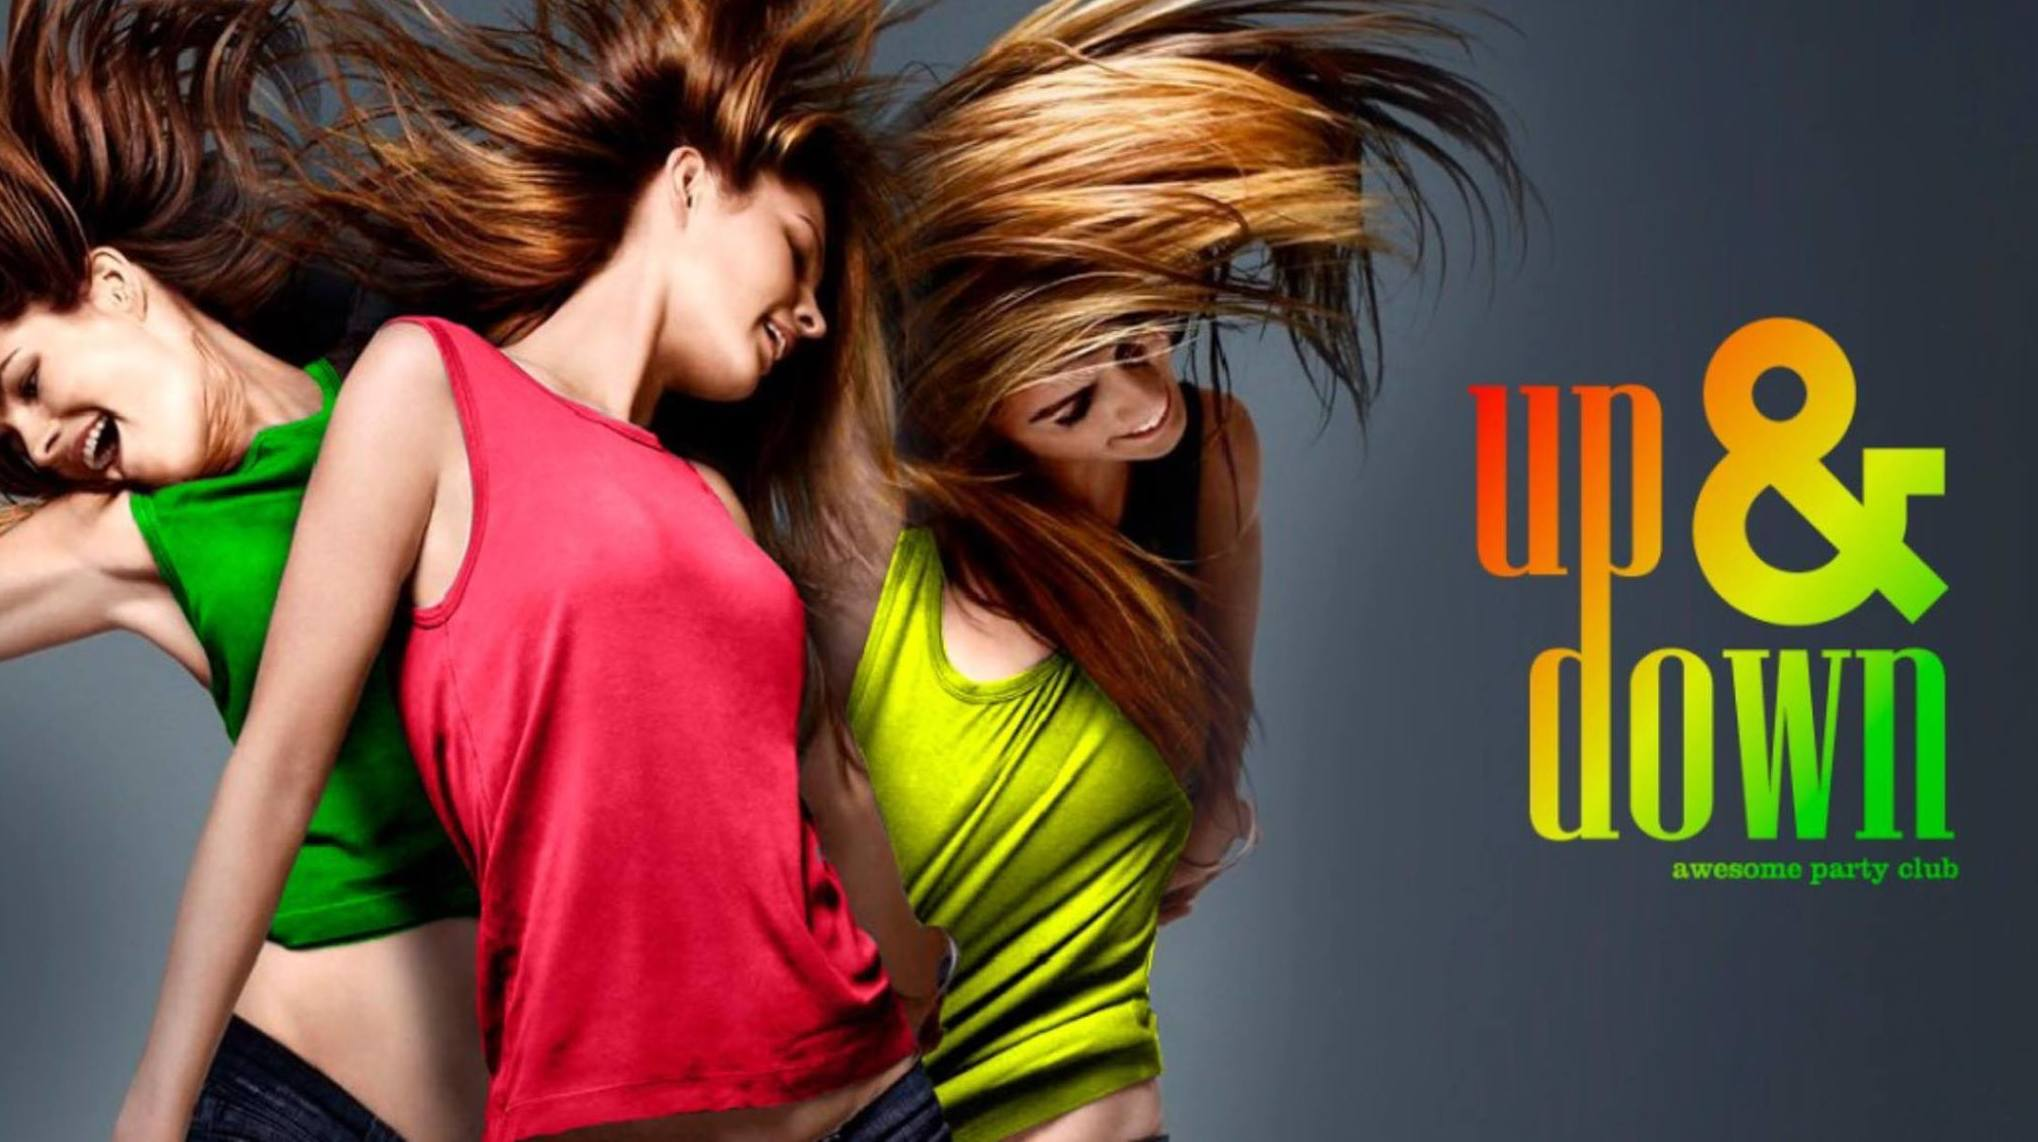 Up & Down, discoteca en Valencia